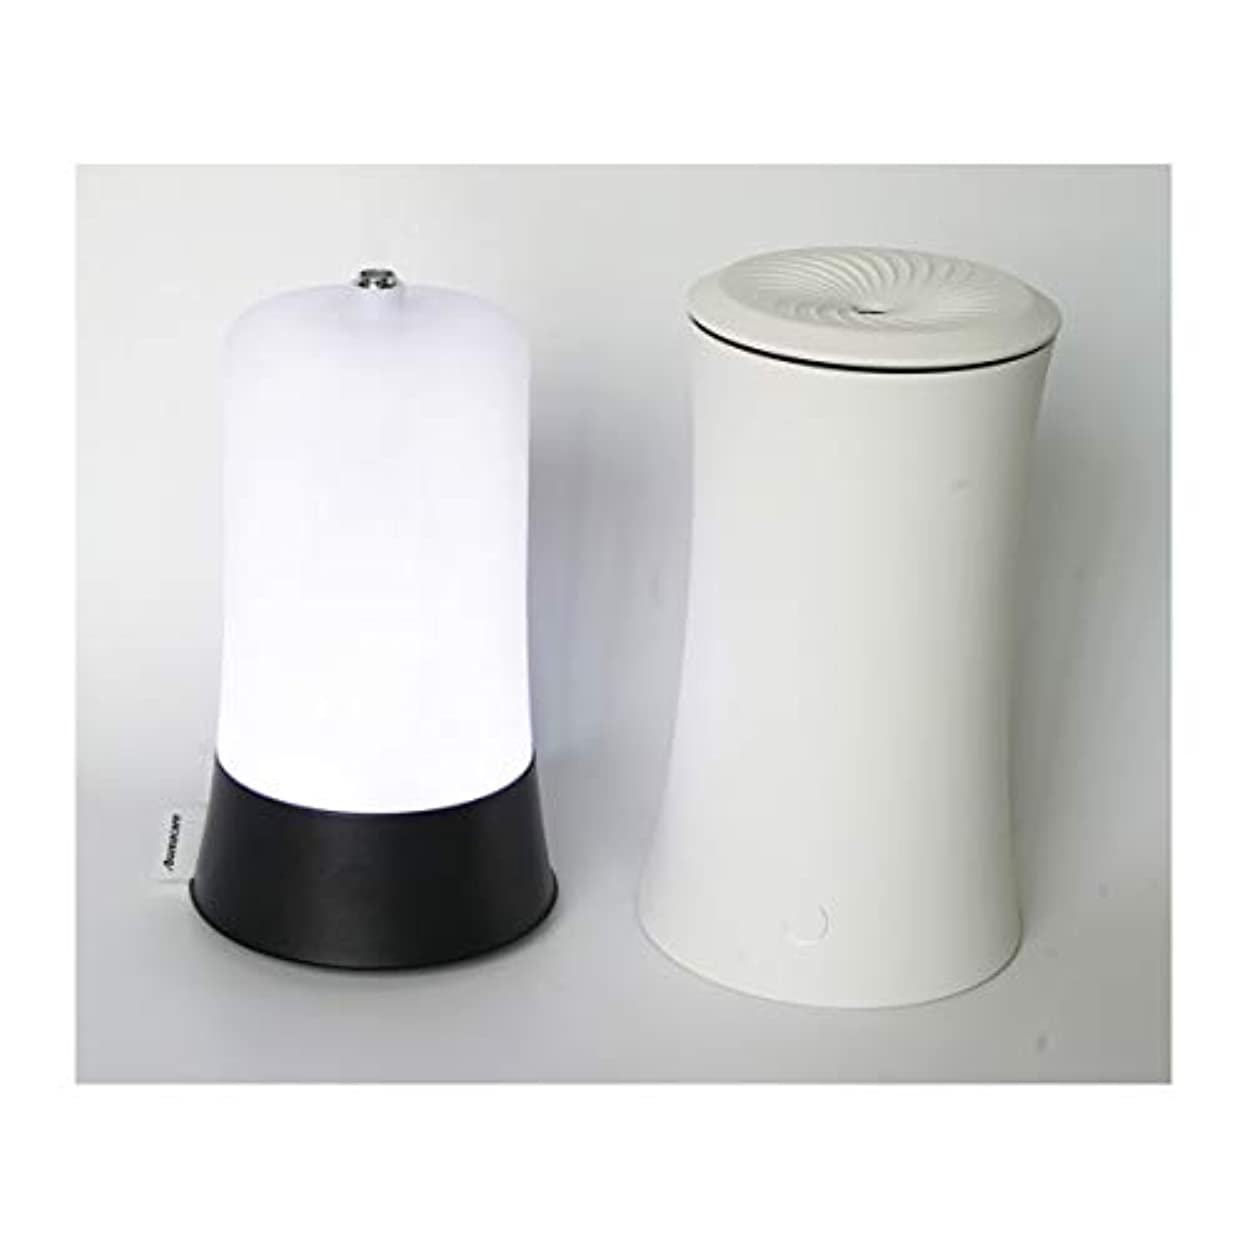 クーポン散るリスキーなウッドグレイン超音波アロマクールミスト300mlエッセンシャルオイルディフューザー、アロマ加湿器付き、水なしオートシャットオフ、7色LEDライトホームオフィス用ベビーホワイト